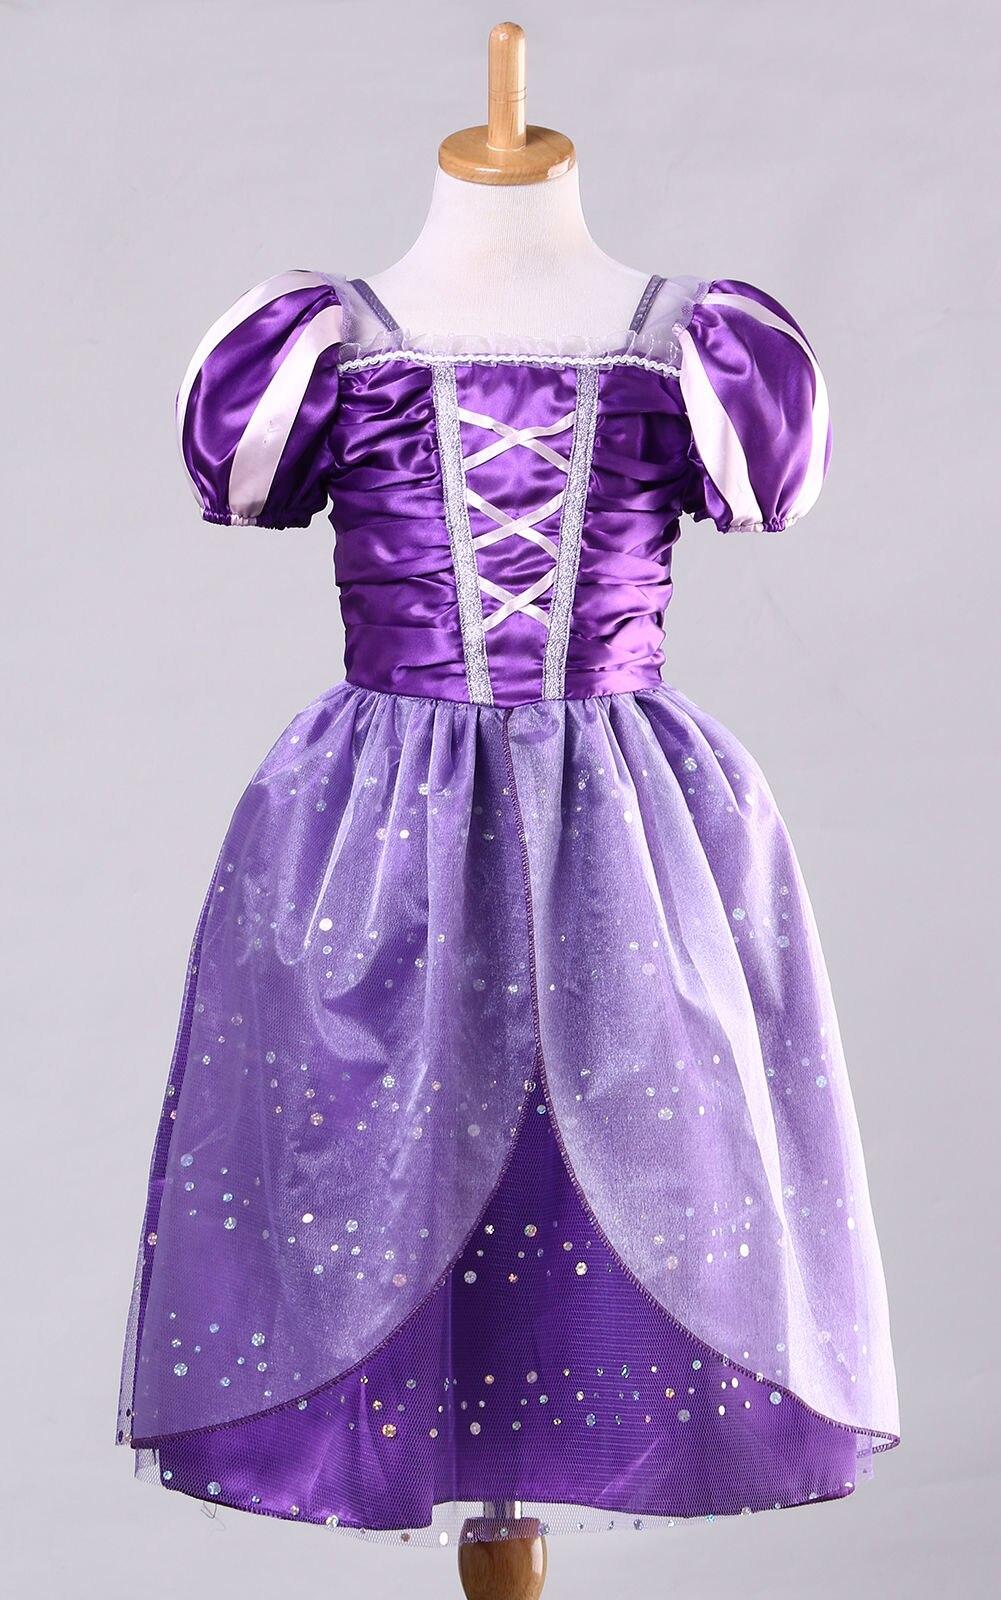 Märchen Mode Mädchen Neue Prinzessin Kleider Rapunzel Kinder ...